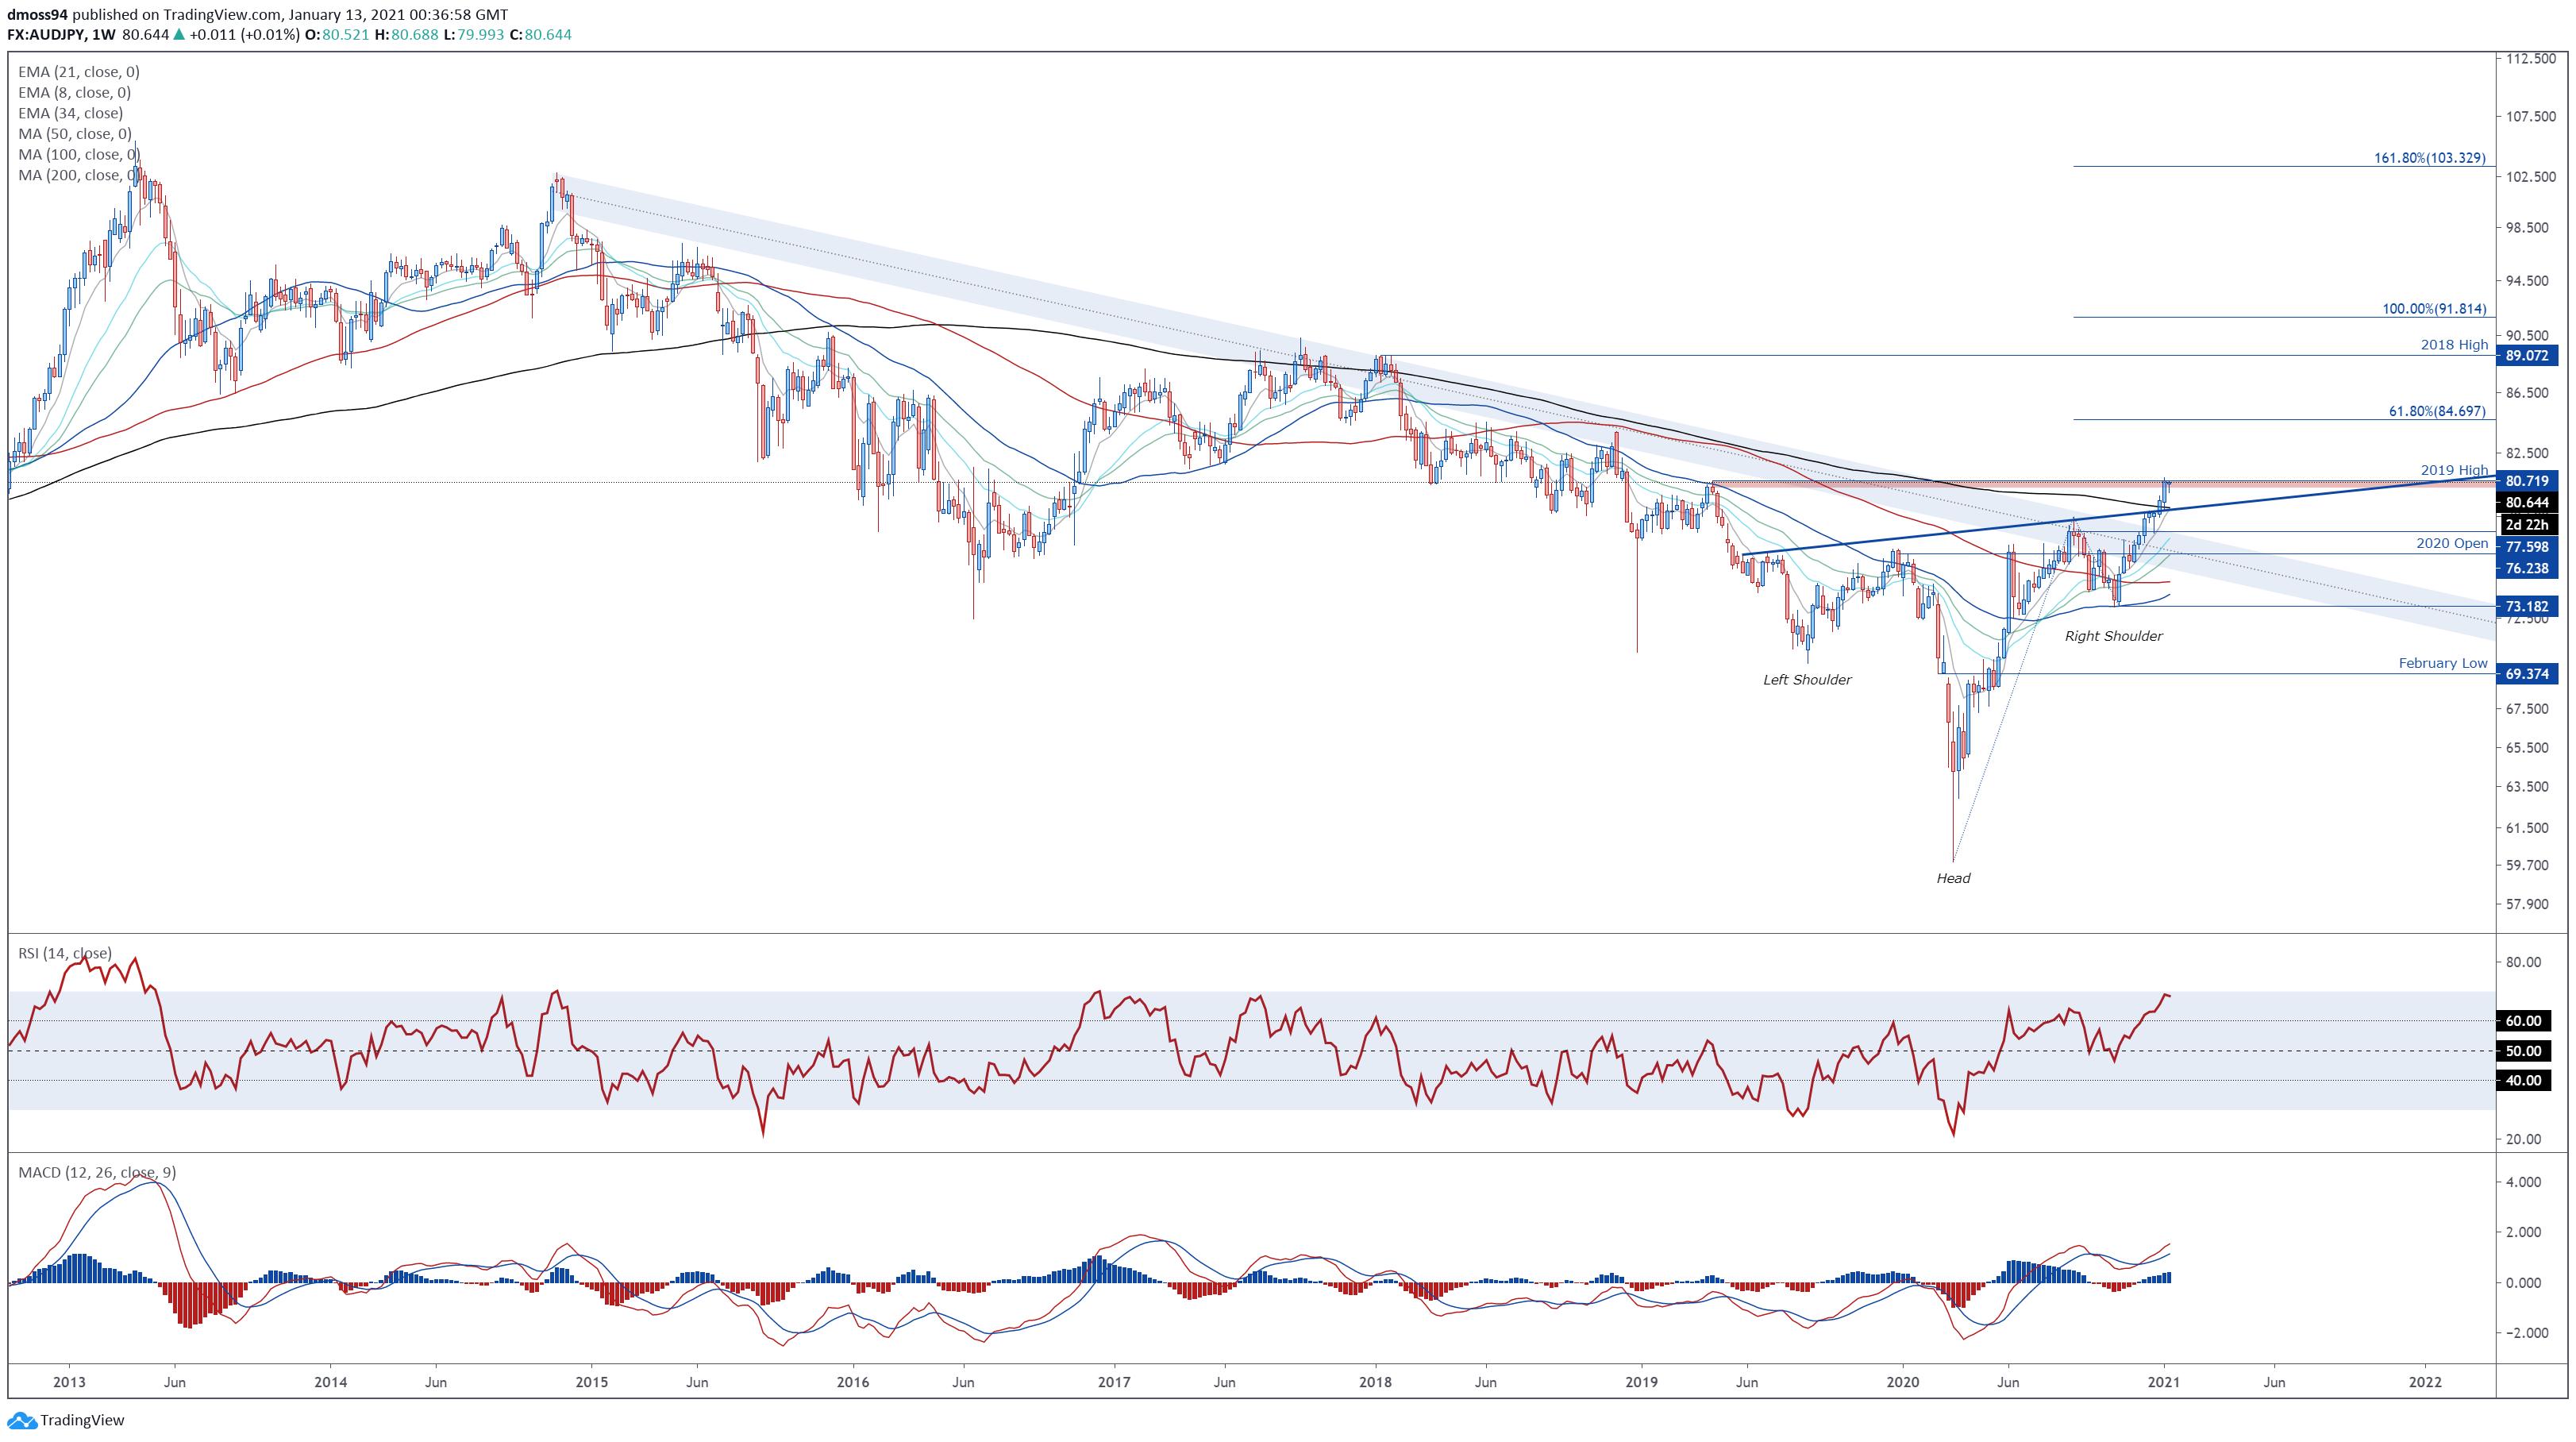 澳元貨幣對展望:澳元/美元、澳元/日元、澳元/瑞郎技術分析